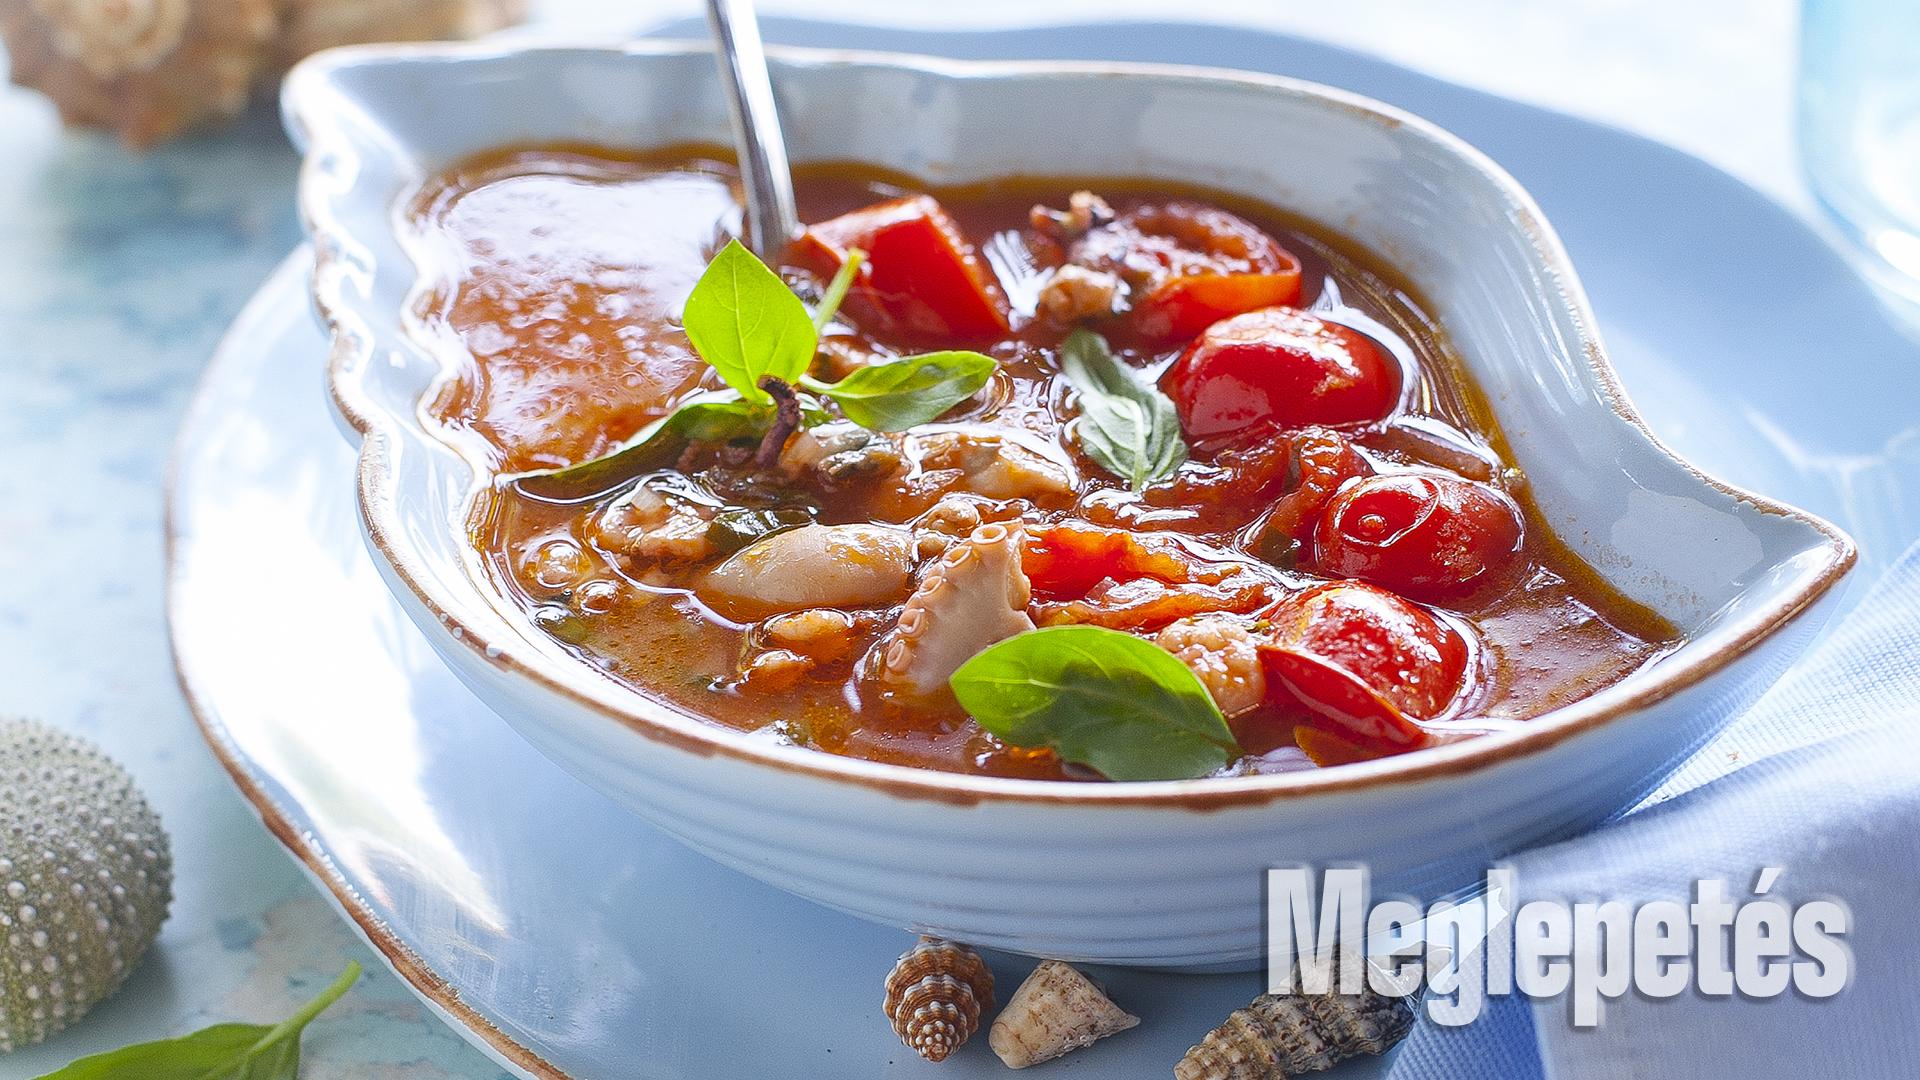 bazsalikom fokhagyma halászlé leves recept olivaolaj paradicsom petrezselyem receptek tenger gyümölcsei tengeri halleves vrábel kriszta